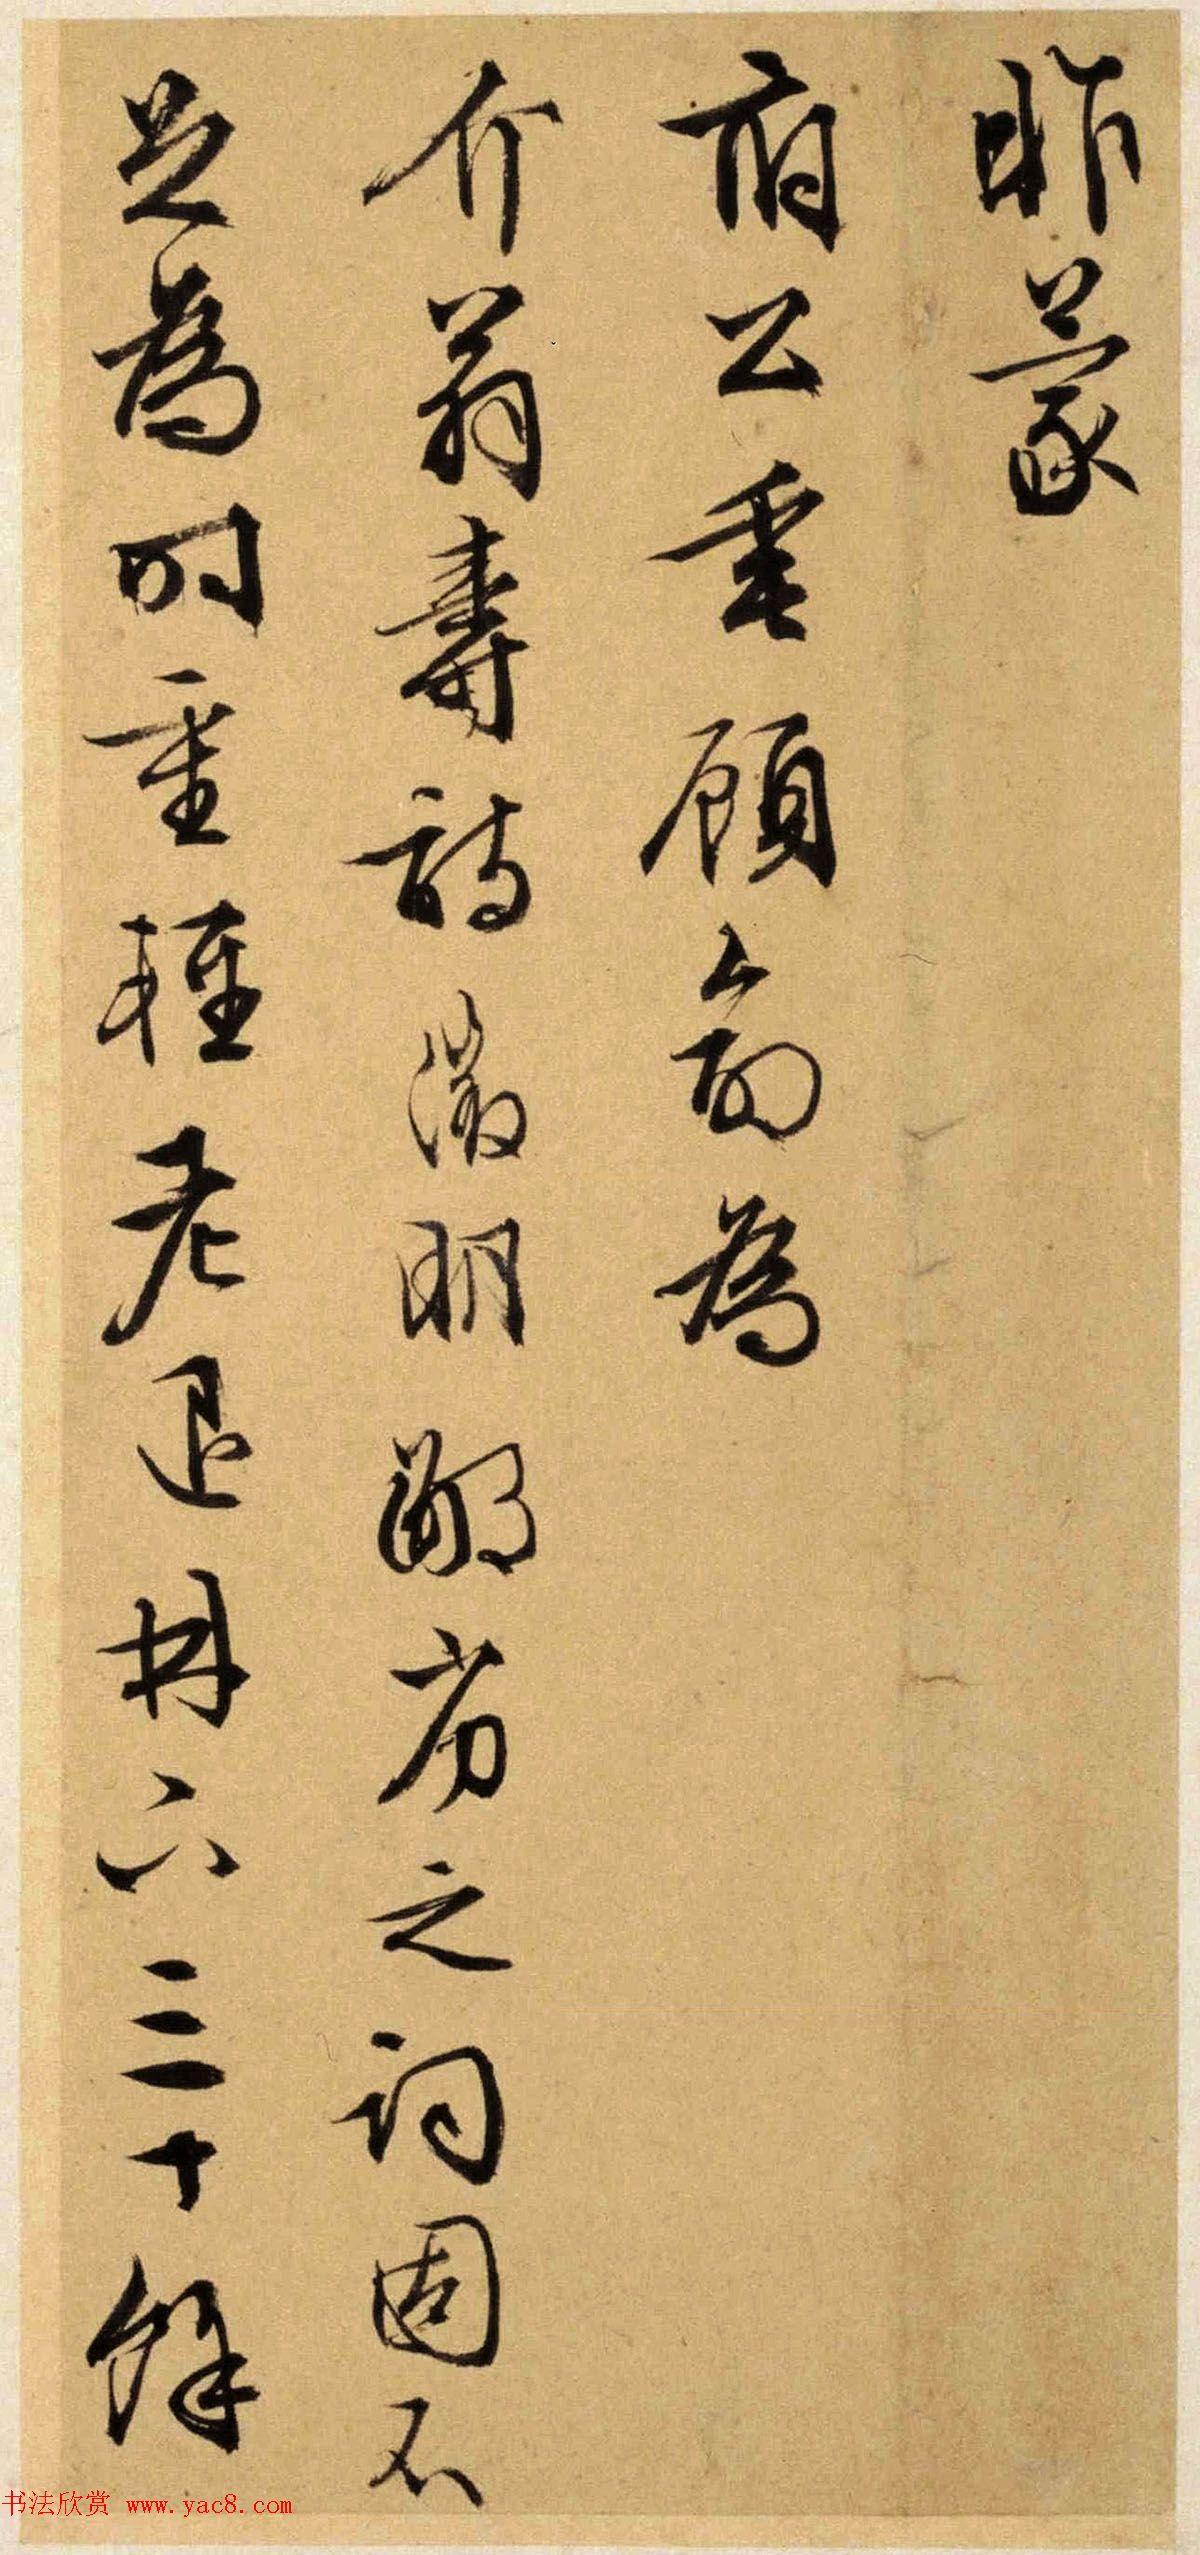 文徵明书法墨迹《致阳湖先生札》